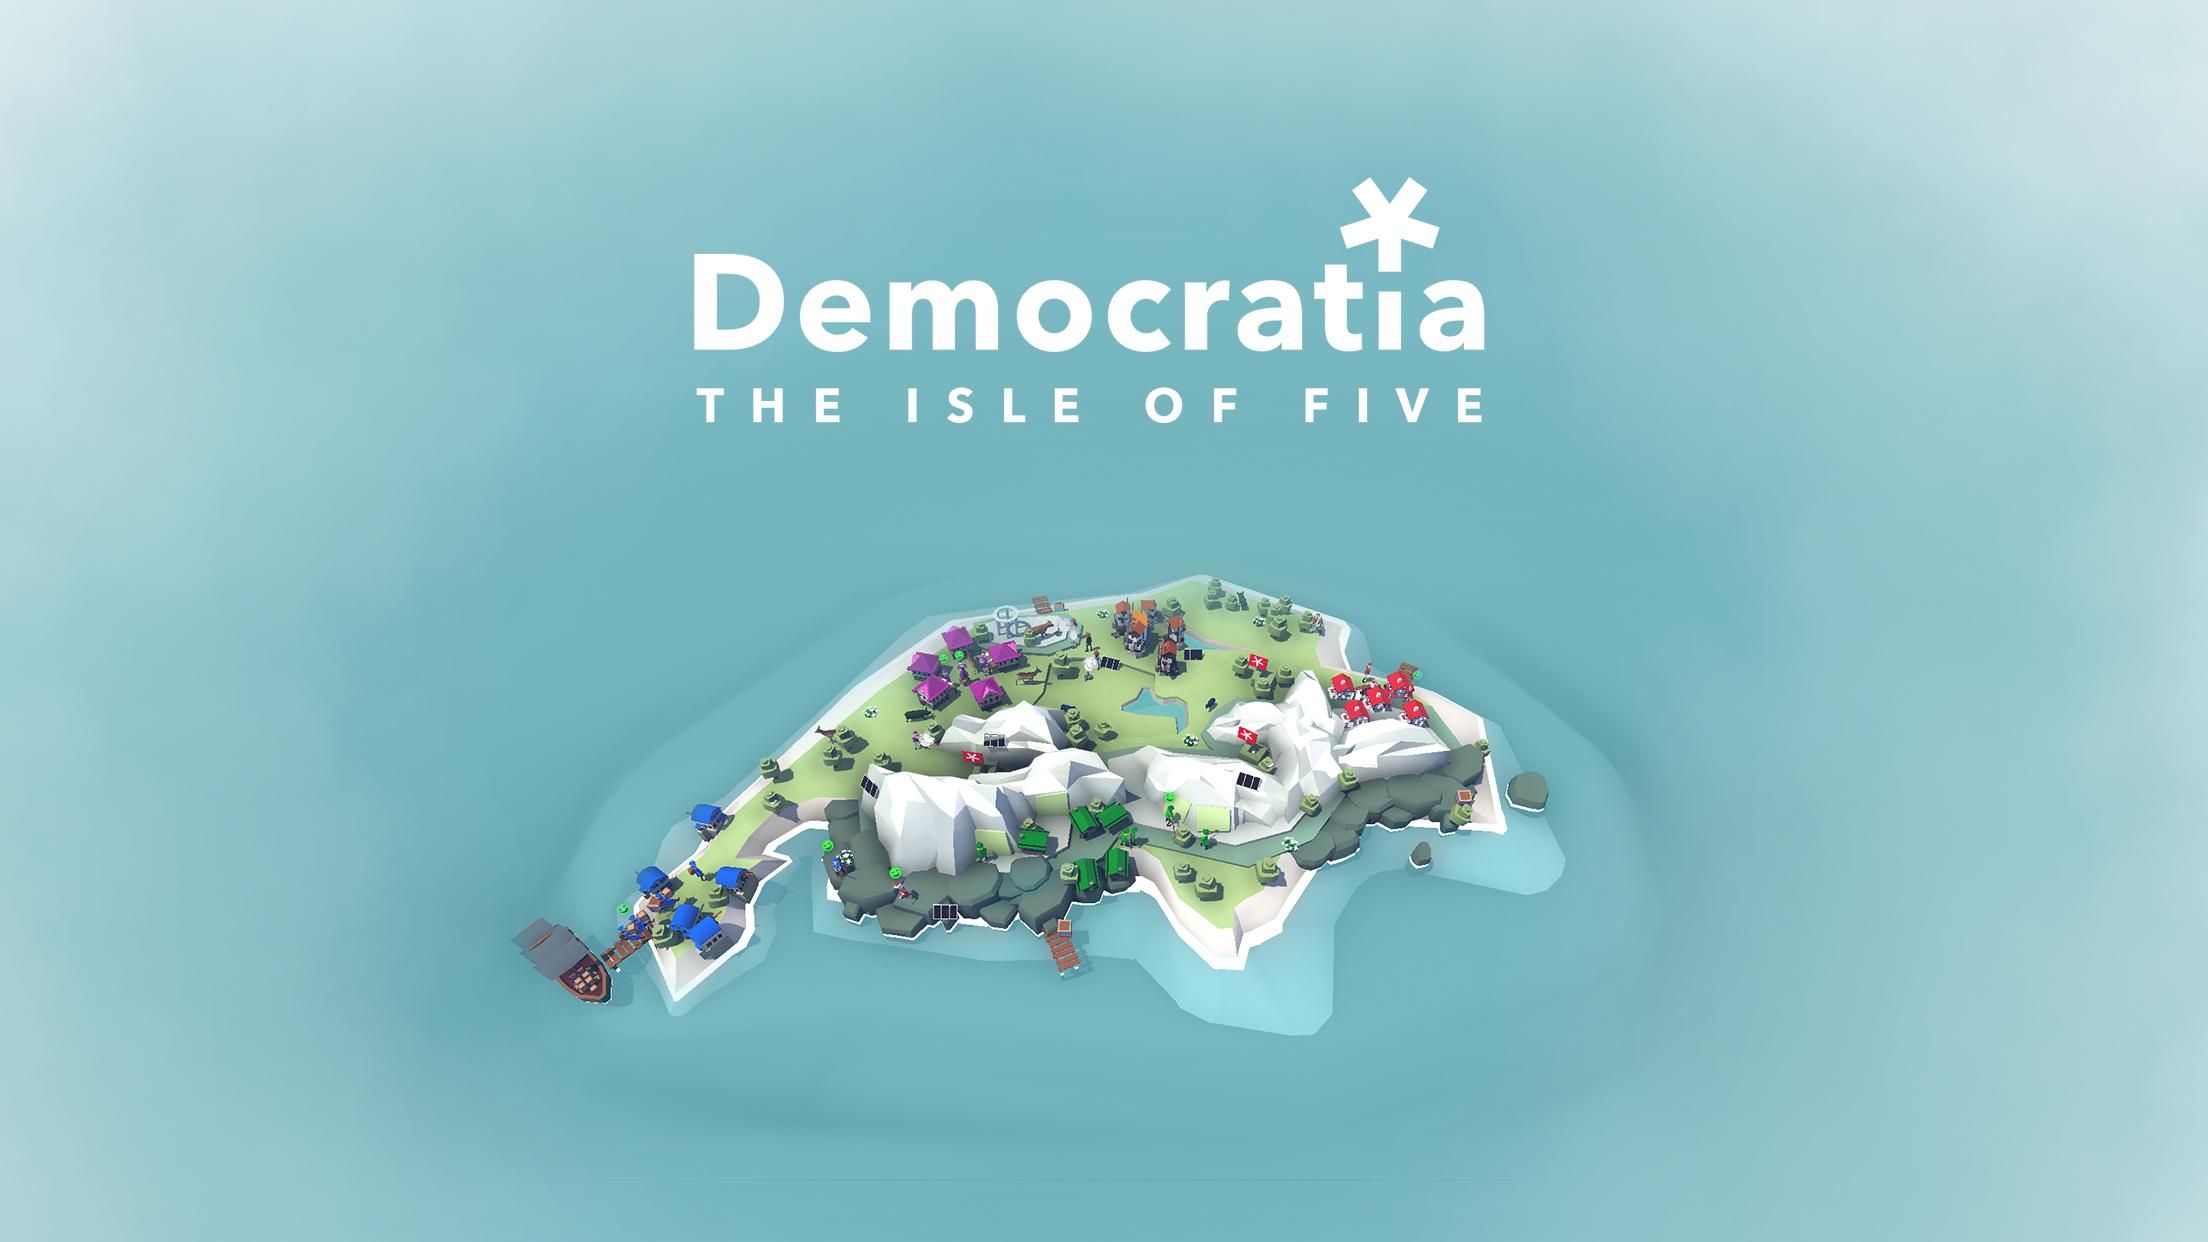 Democratia – The Isle of Five